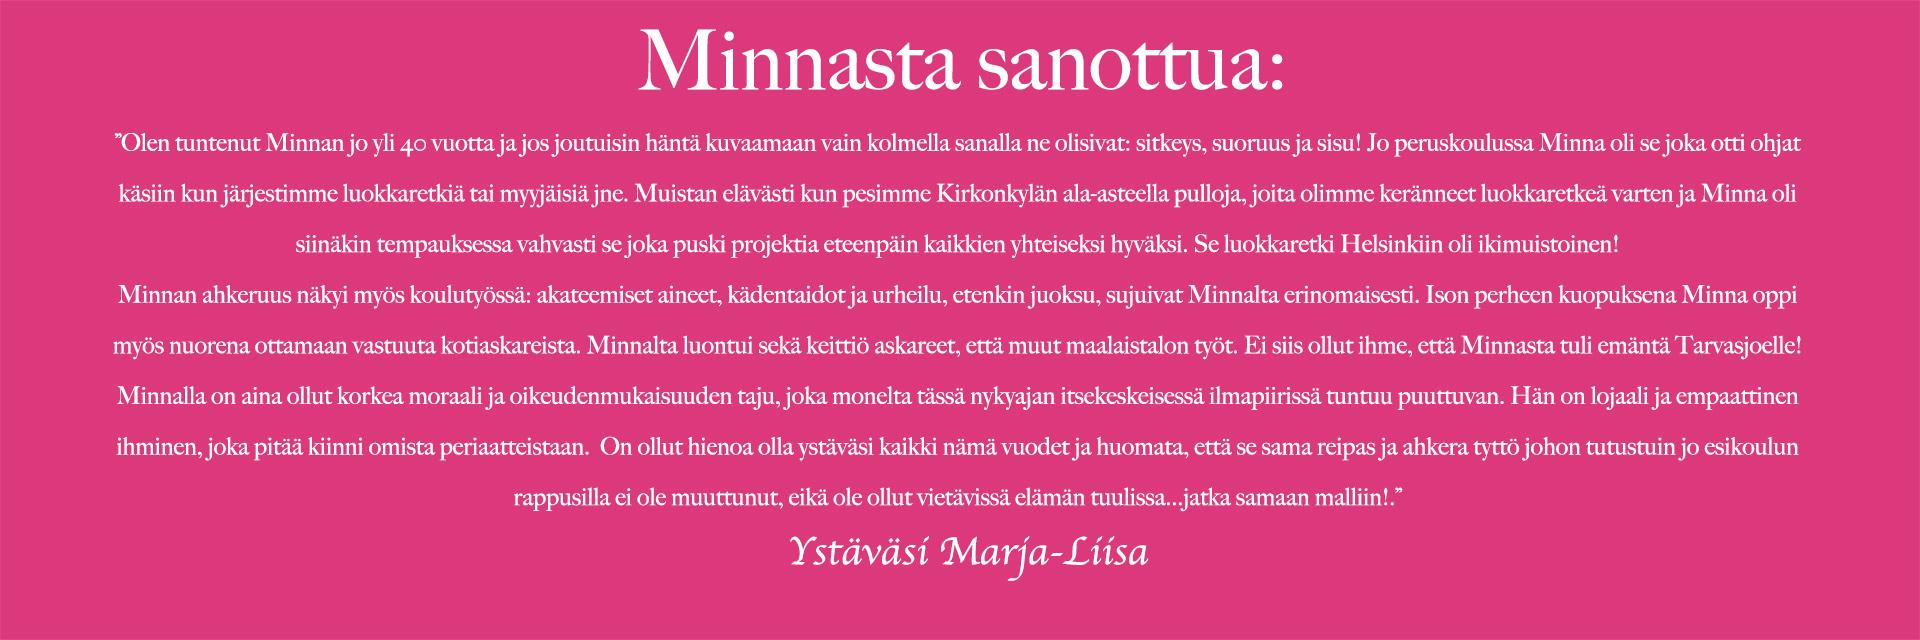 Marja-Liisa kertoo ystävästään Minnasta